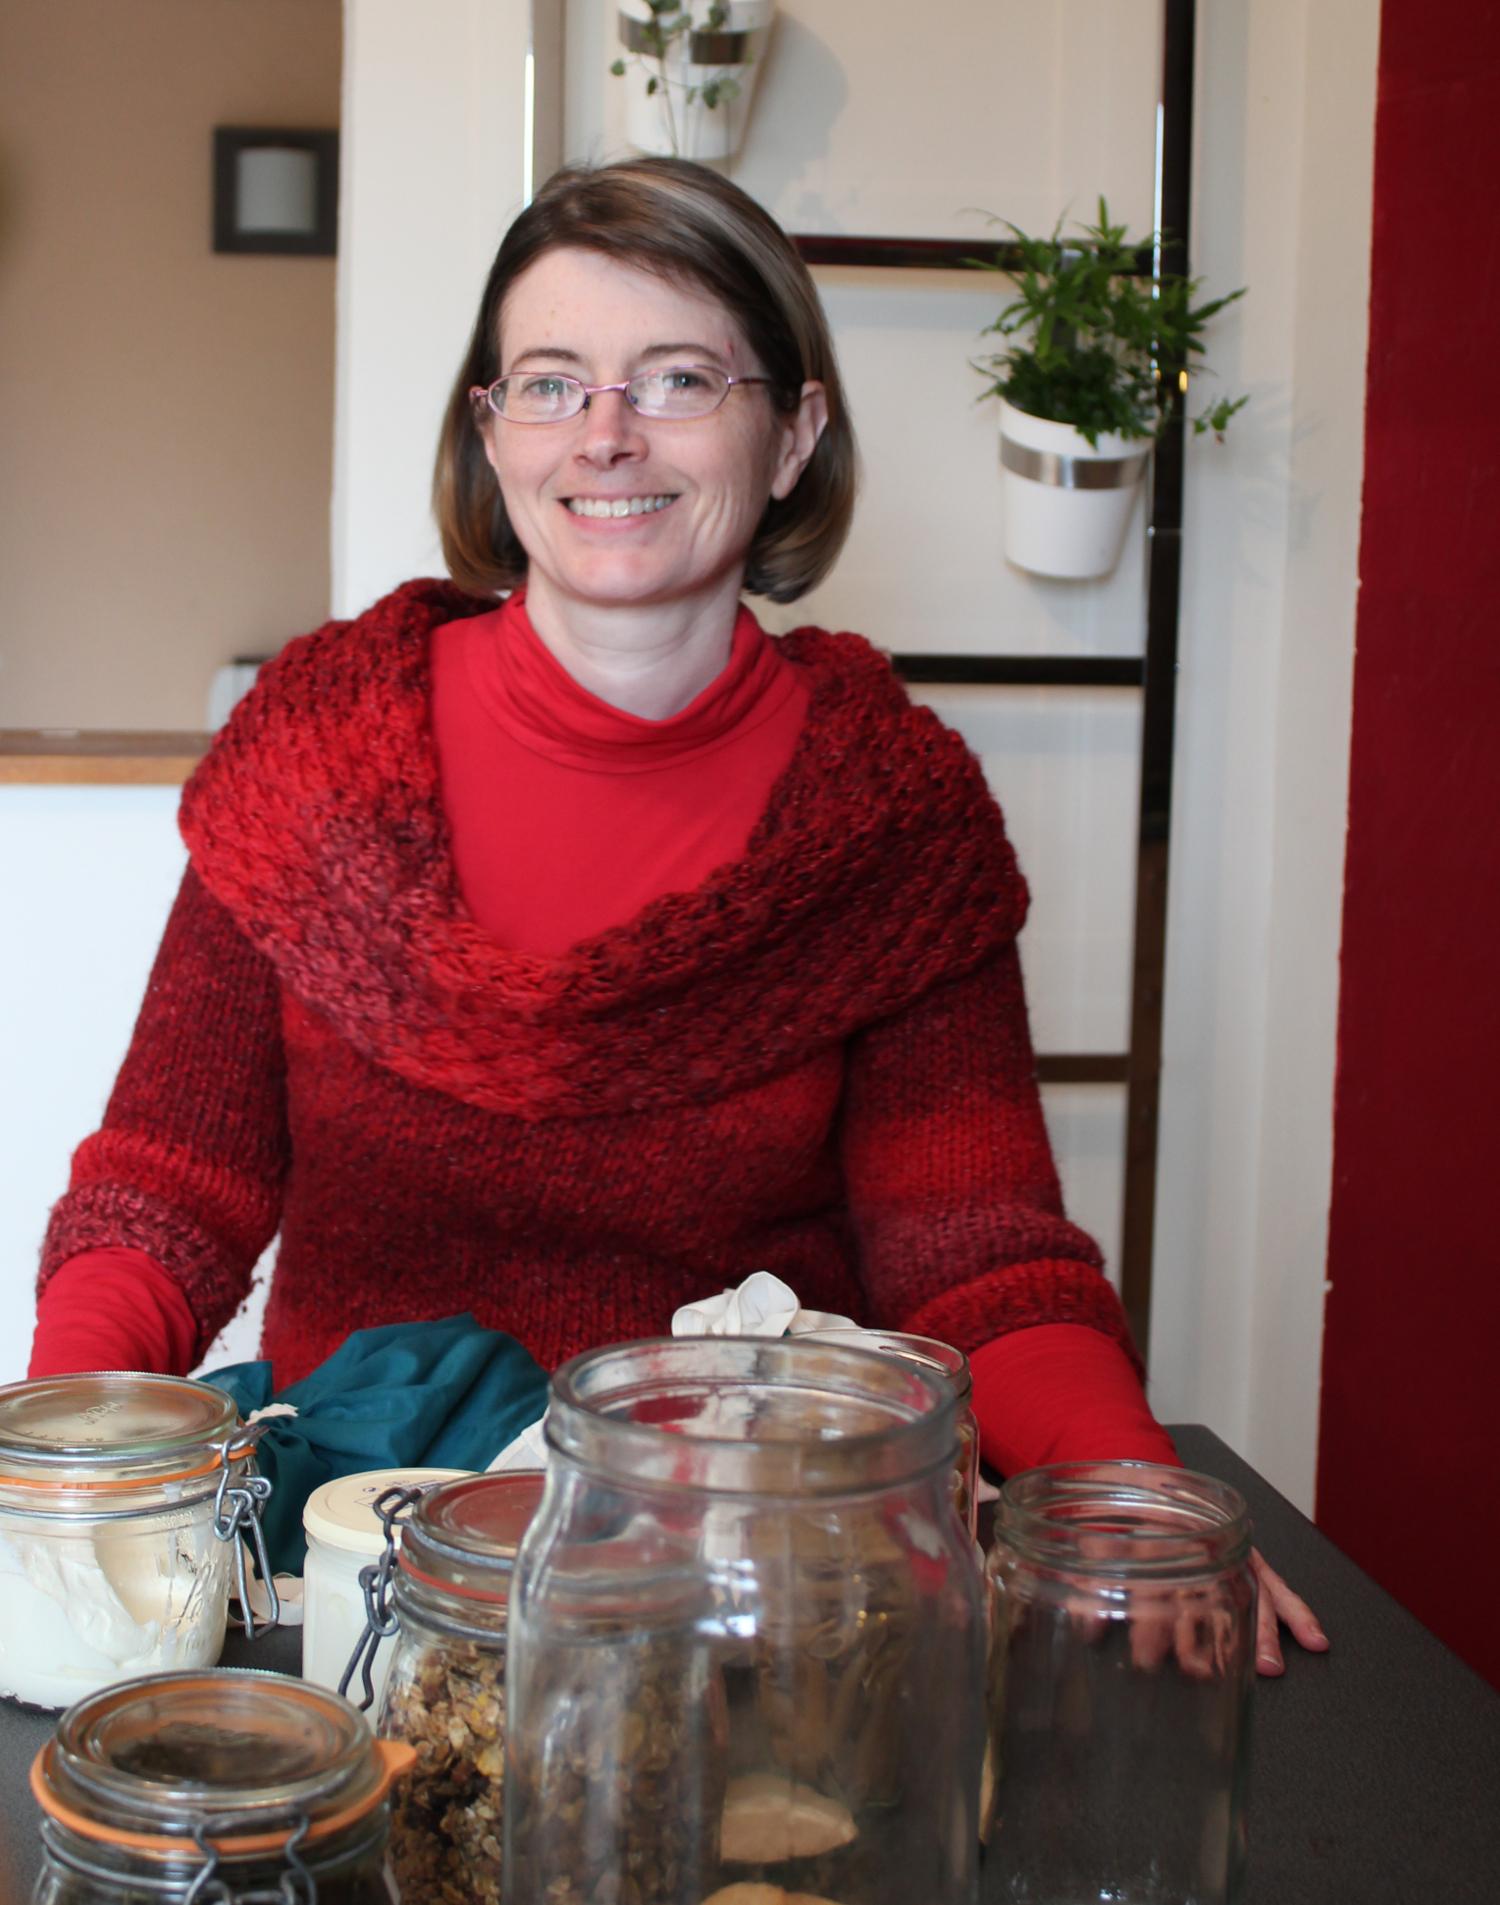 Claire Poirier Zéro déchet-red